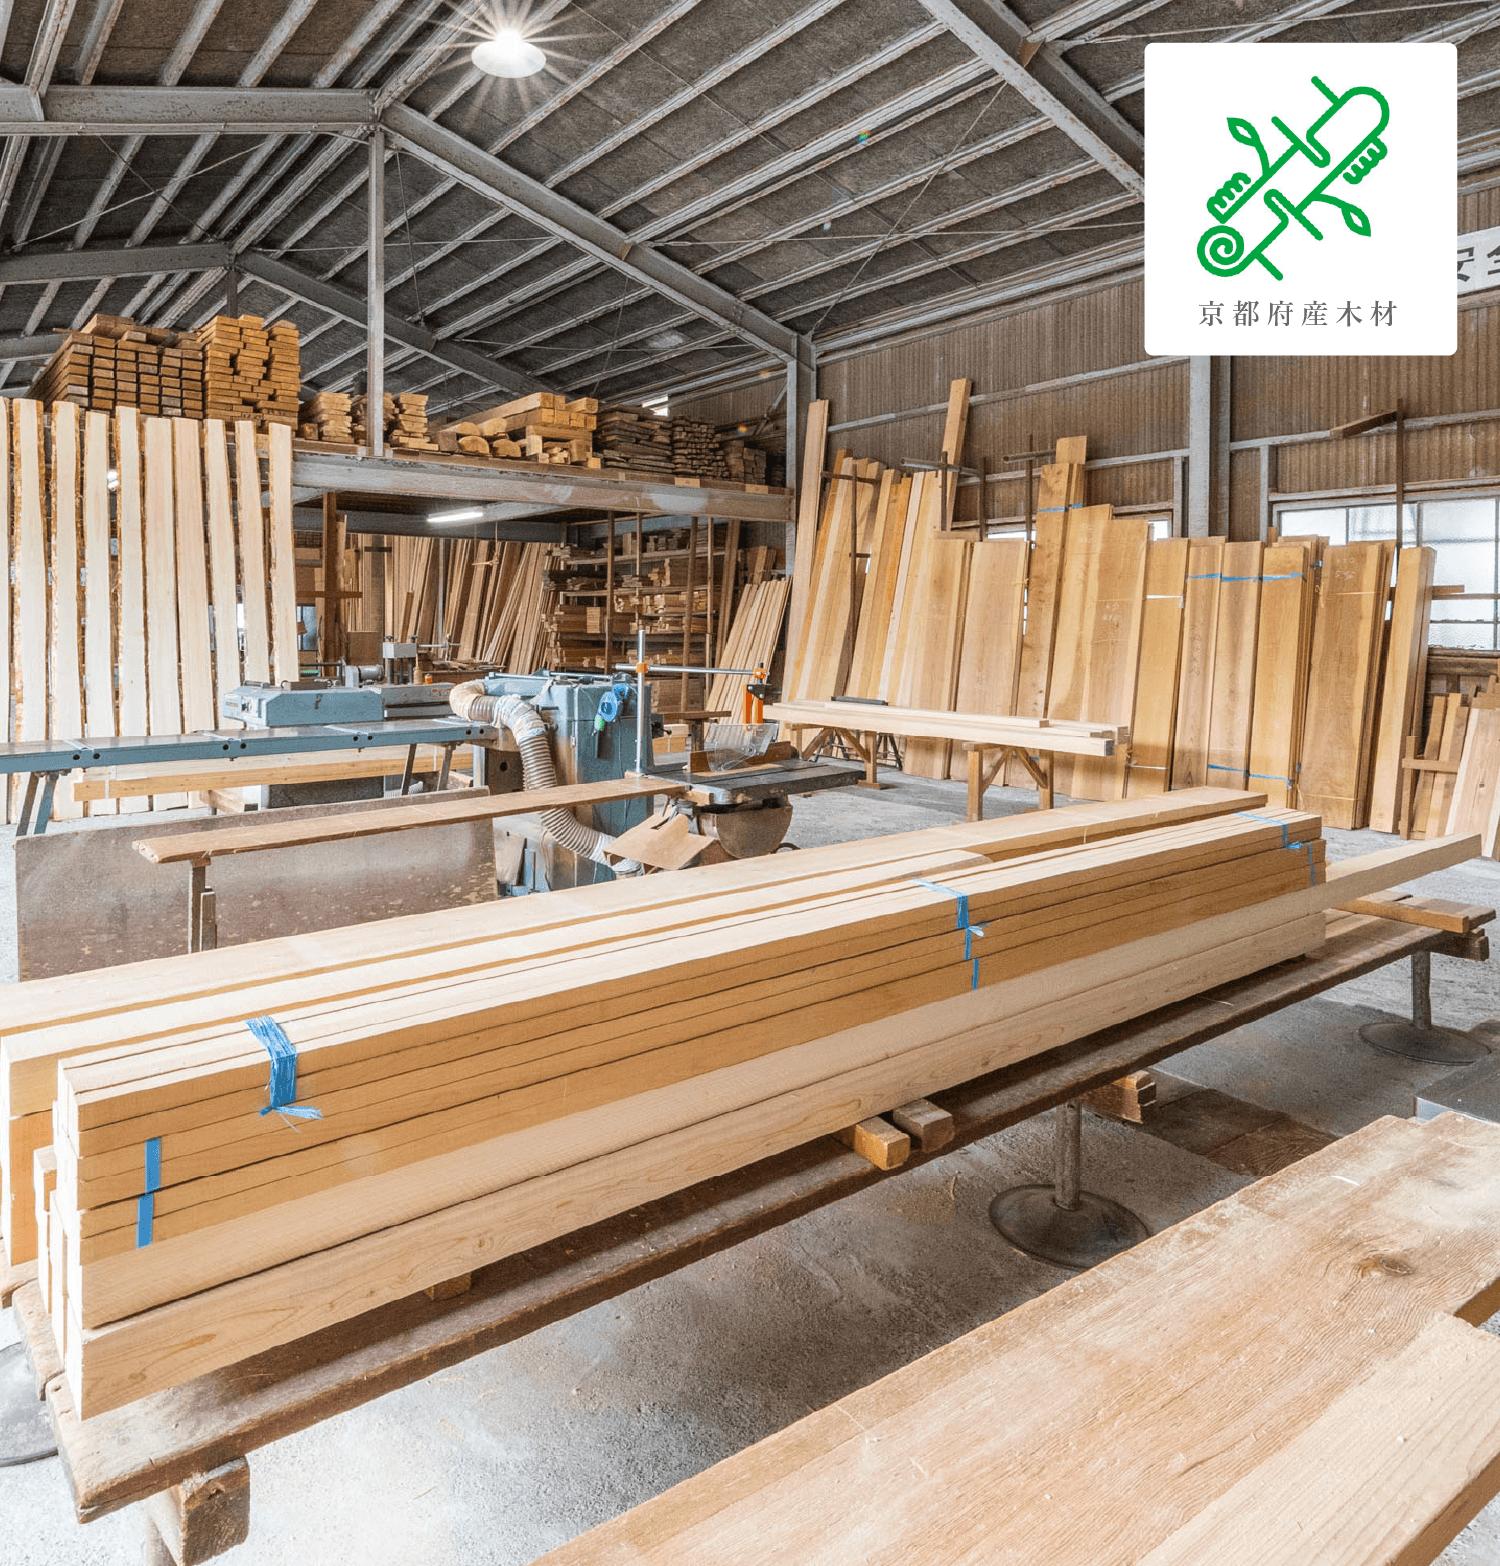 坂根工務店の加工場に並べられた京都府産材木